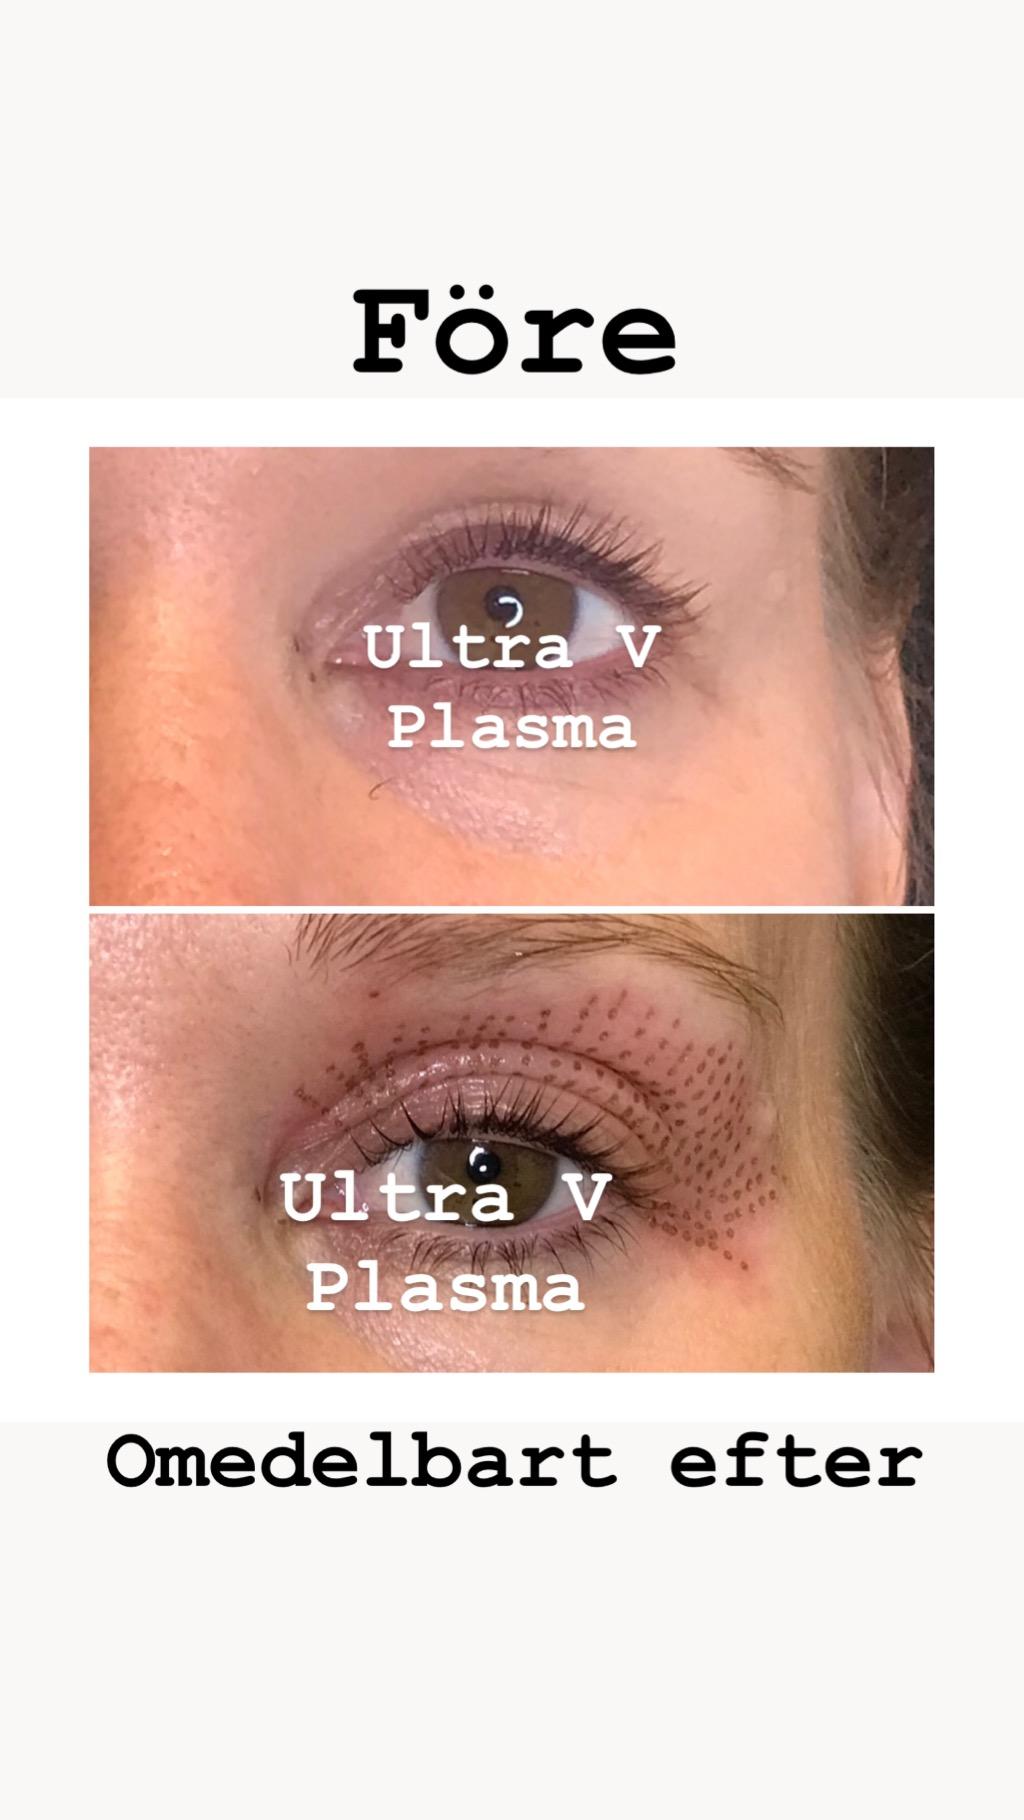 Ultra V Plasma för ögonlock